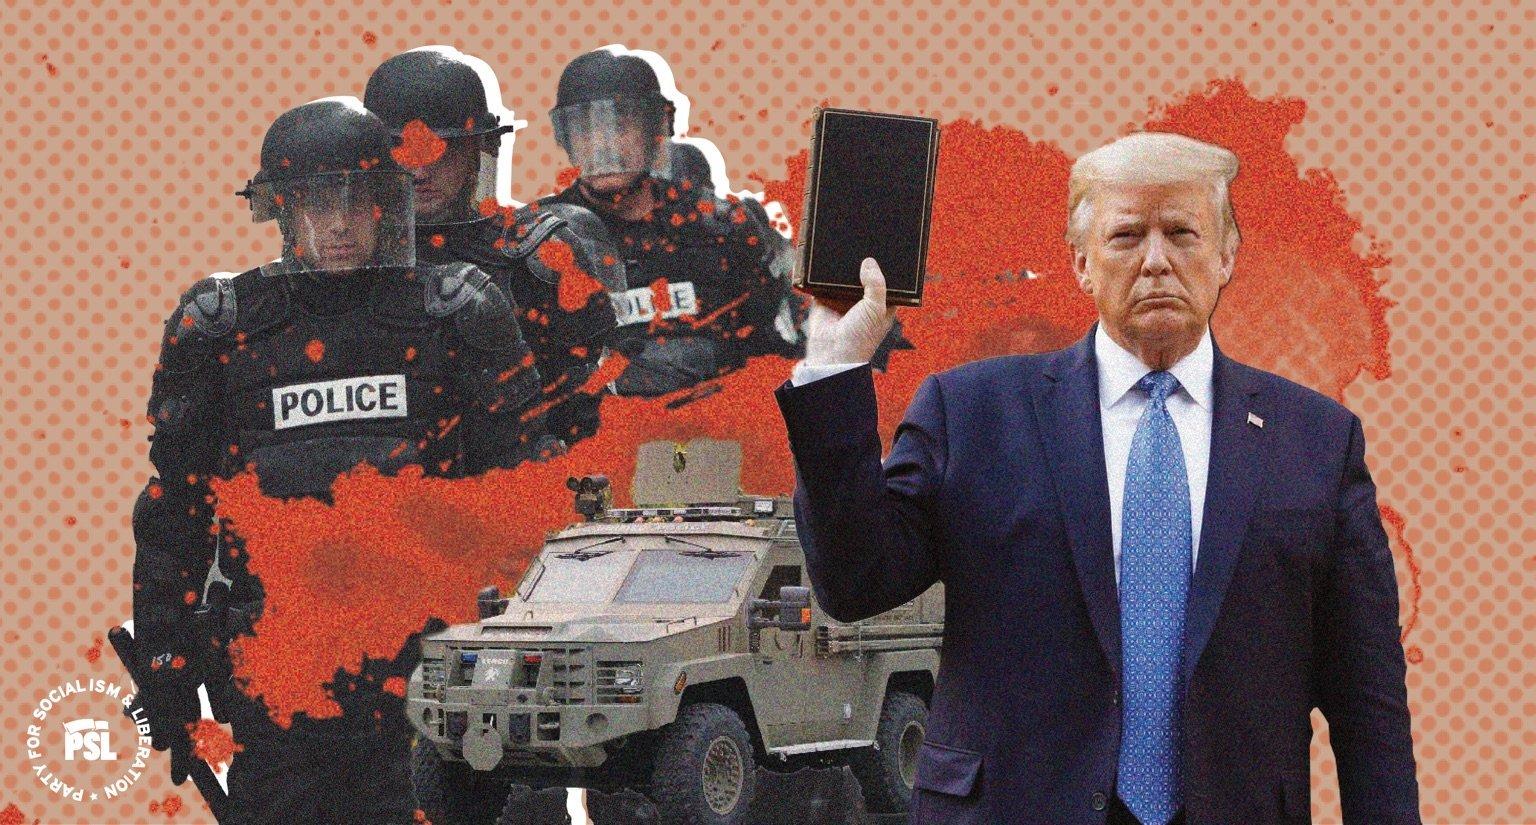 Εξέγερση και καταστολή: το μακρύ καυτό καλοκαίρι του καπιταλισμού ξεκινά